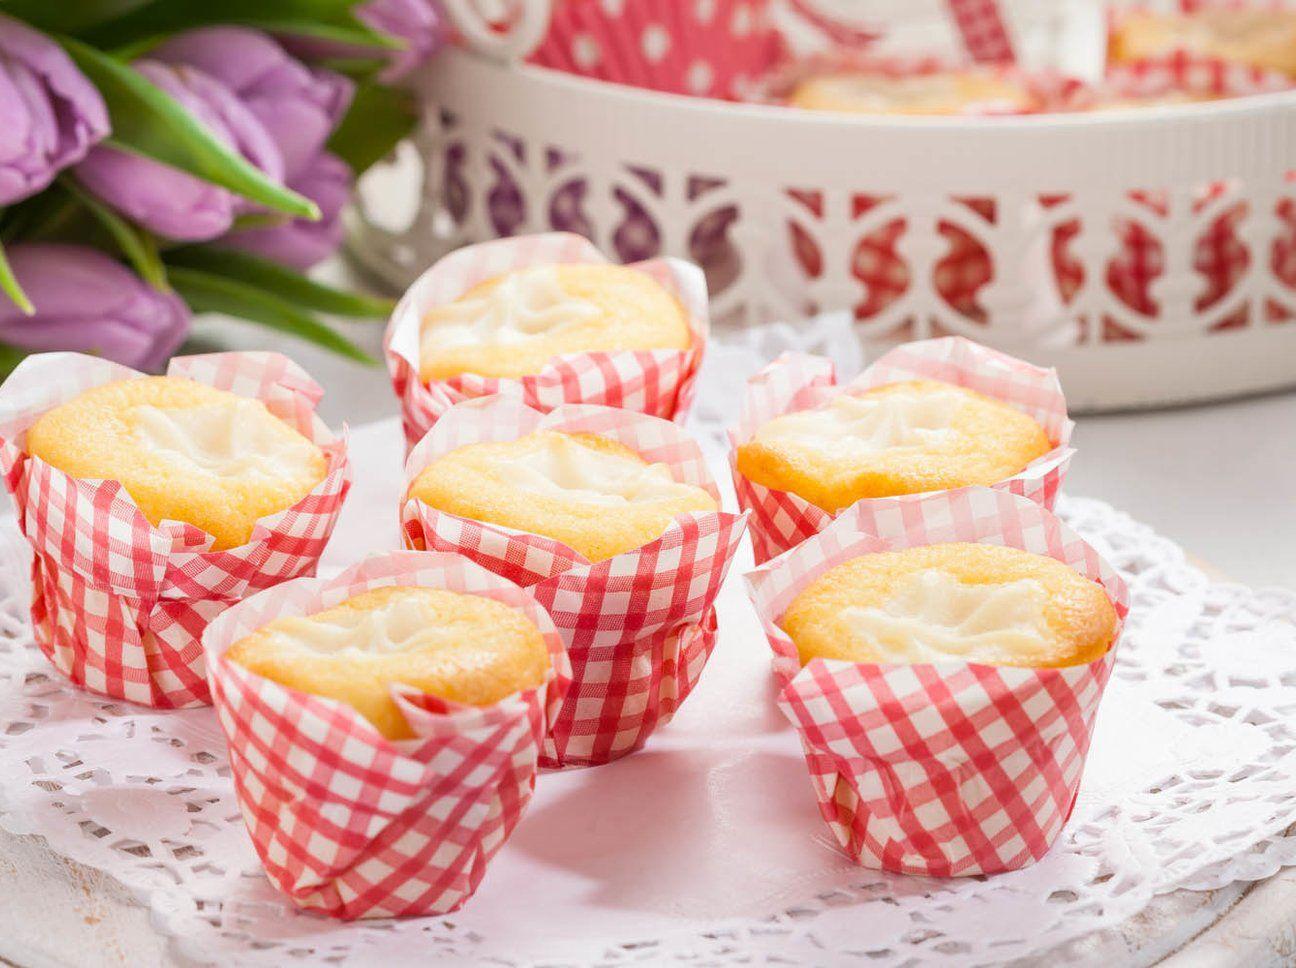 Wochenend Rezept Muffins Mit Vanillepudding Freundin De In 2020 Vanillepudding Susse Pfannkuchen Kuchen Und Torten Rezepte